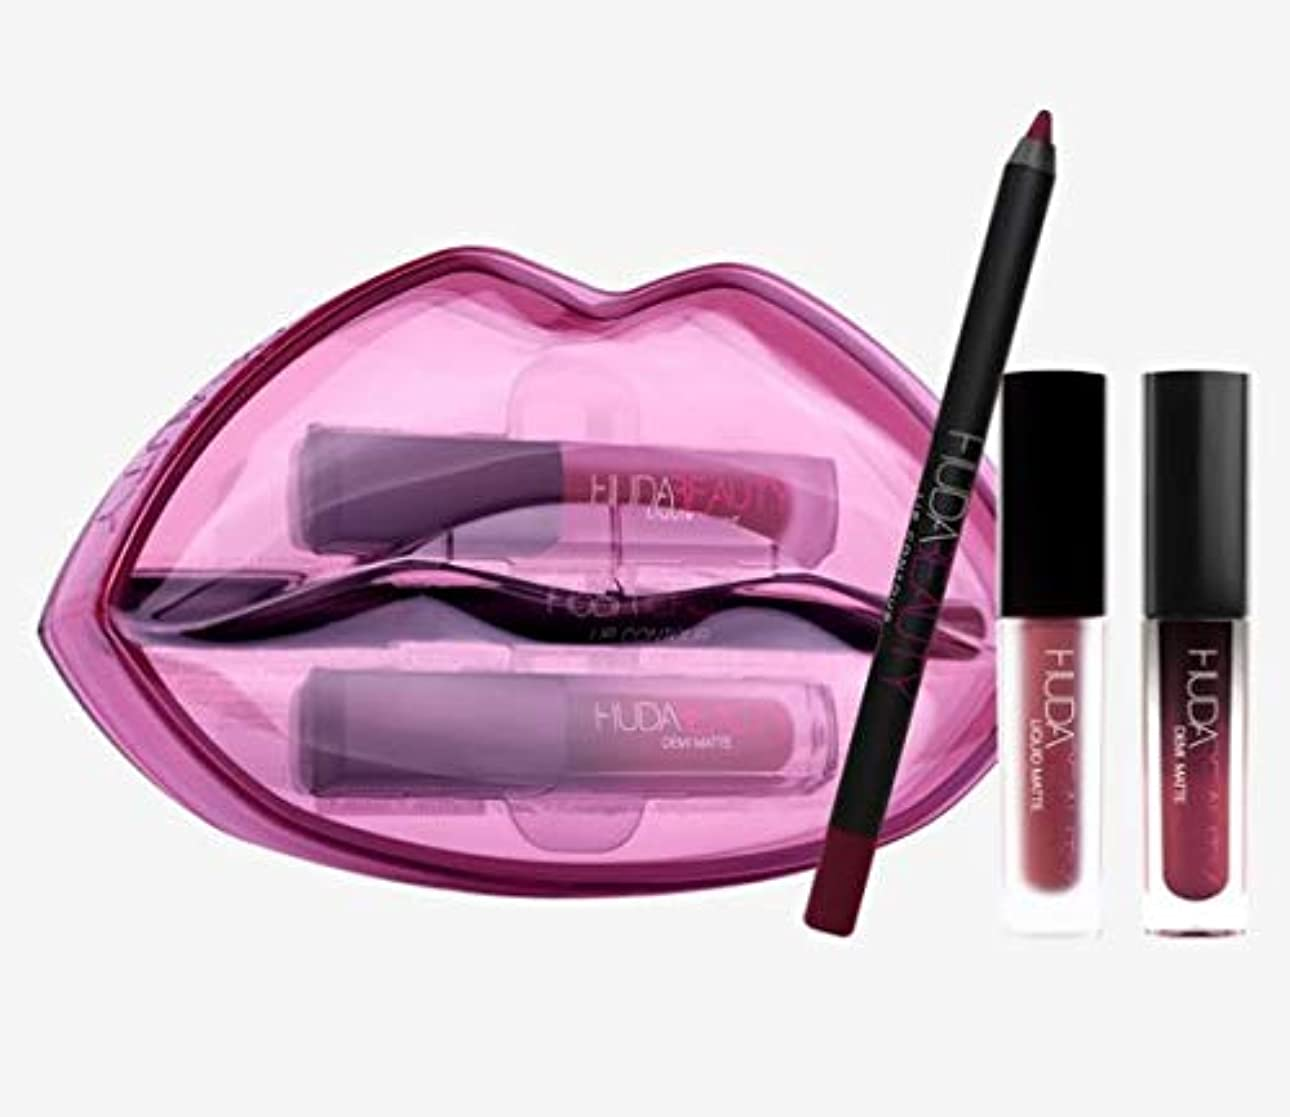 削除するバイバイロードされたHudabeauty Matte & Cream Lip Set Bawse & Famous リップセット マットリップ